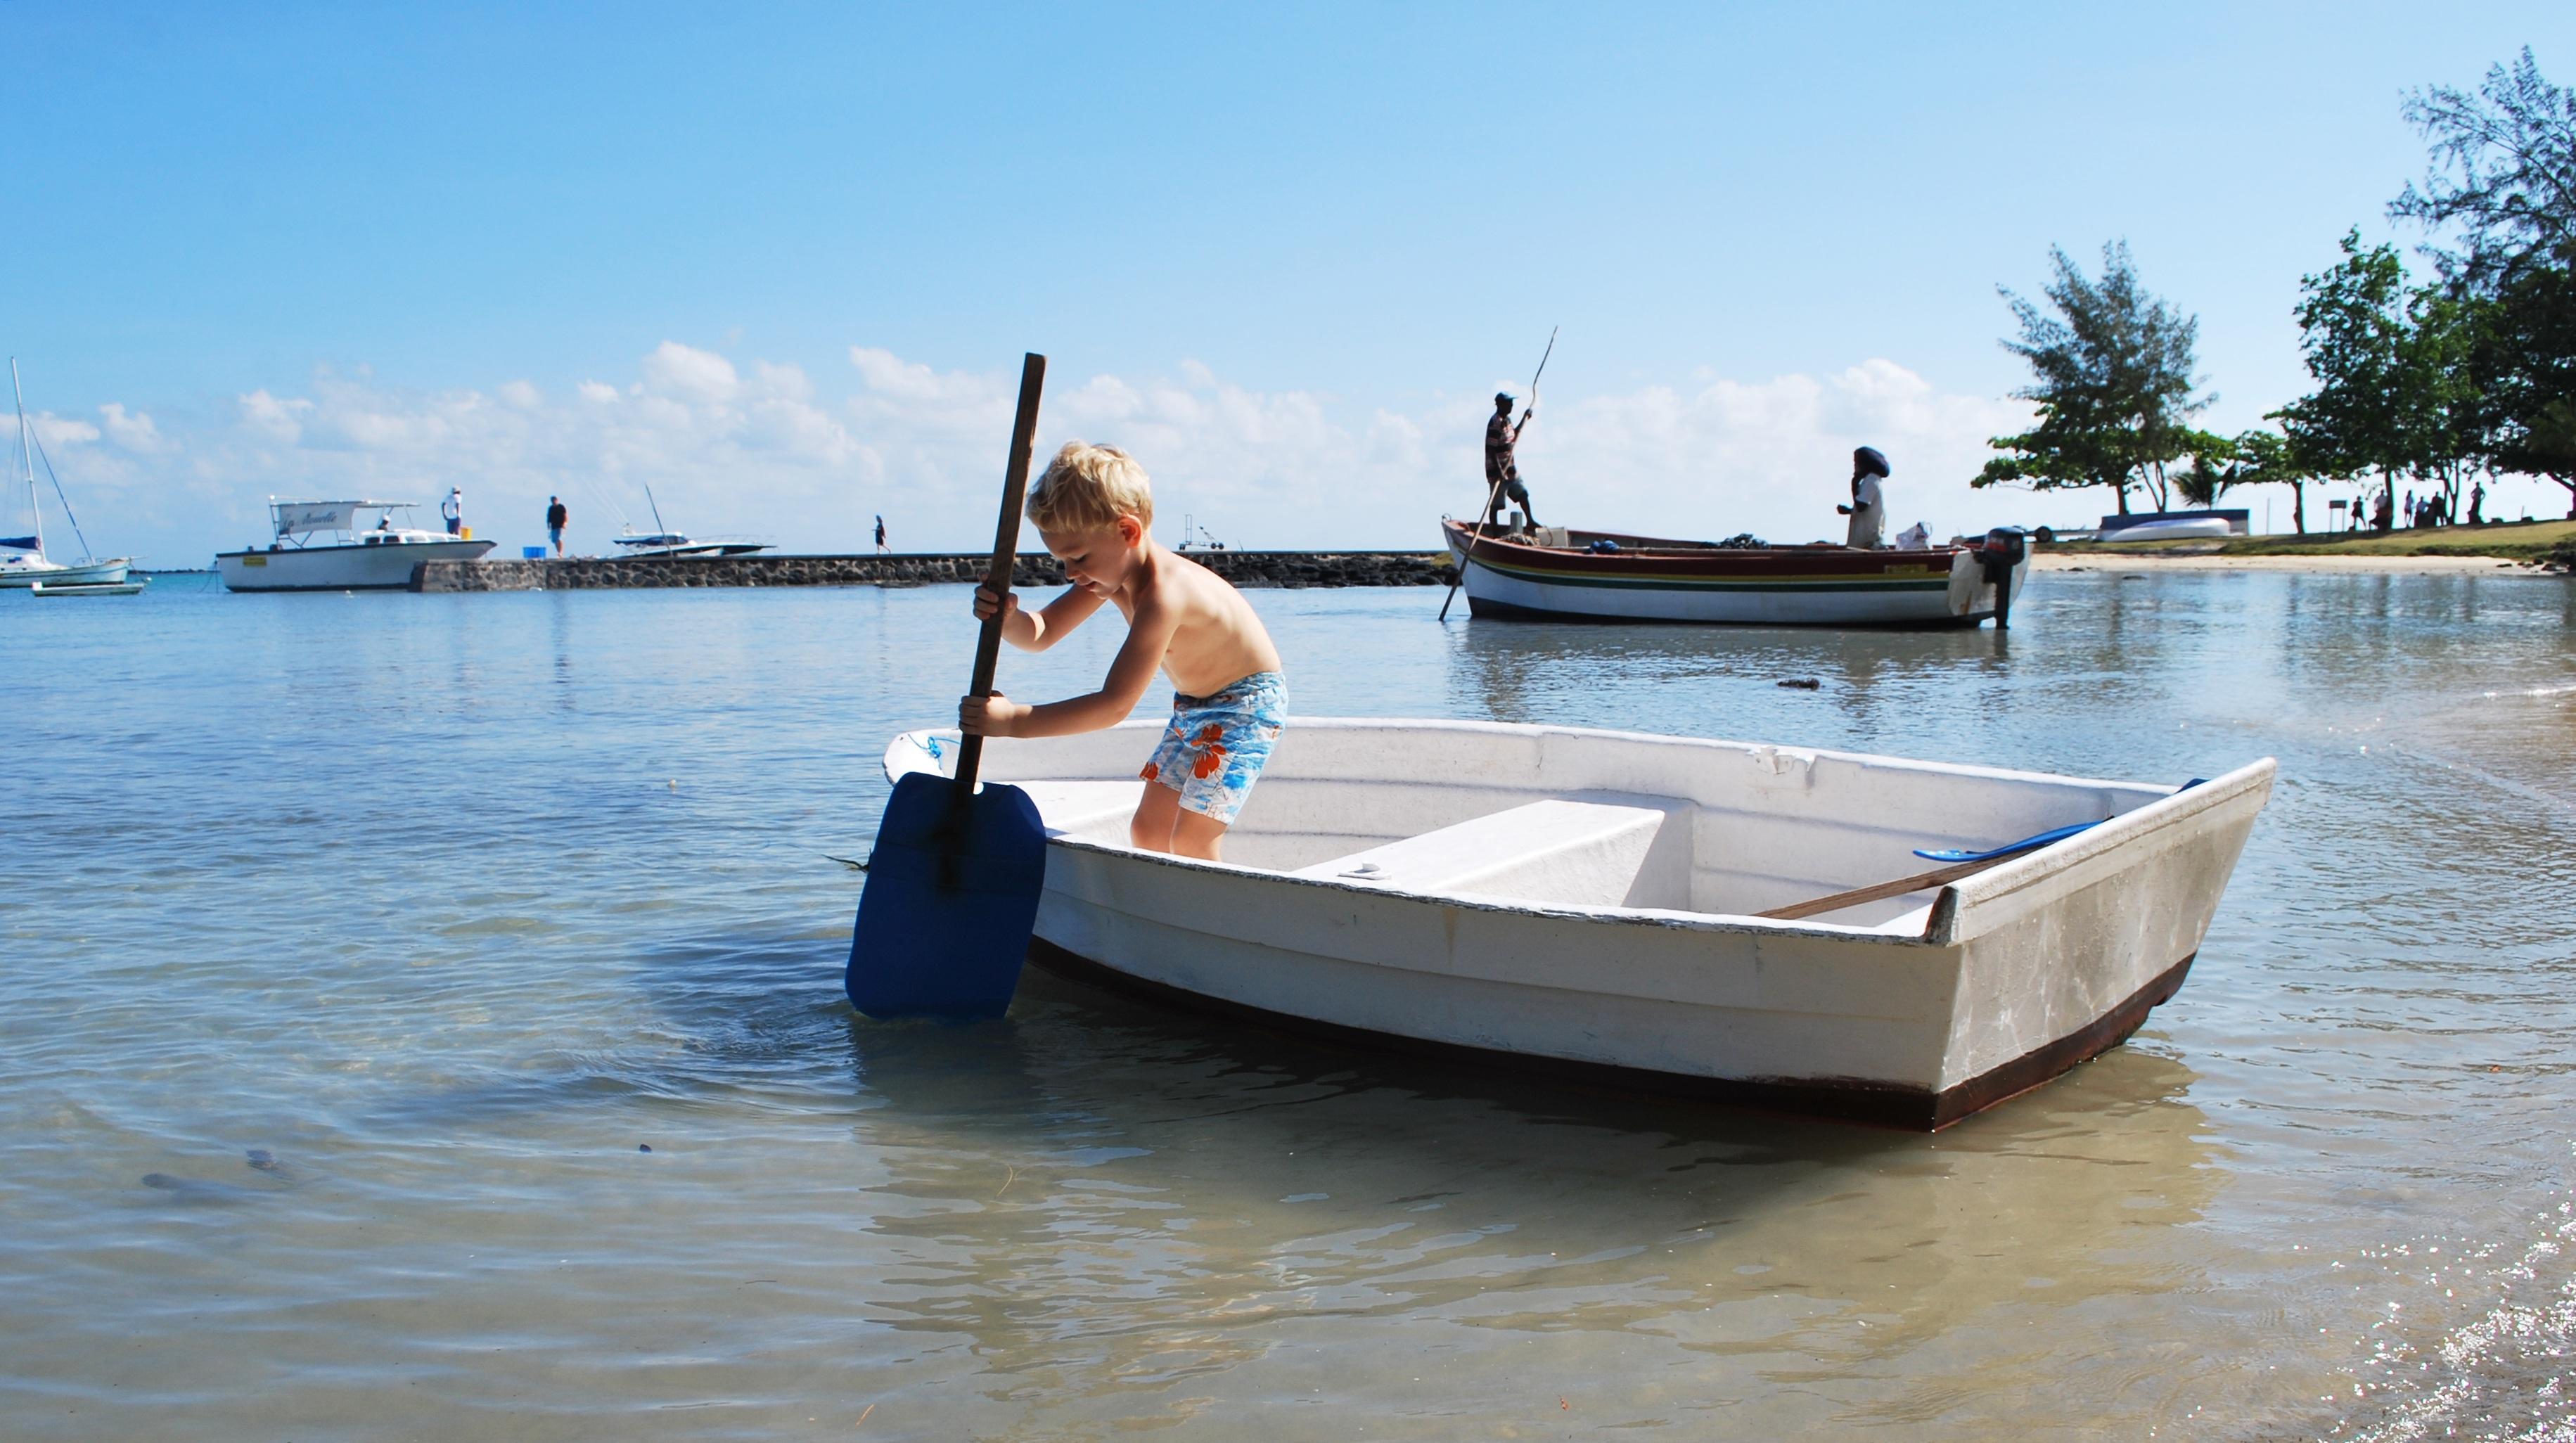 картинки плавание на лодке